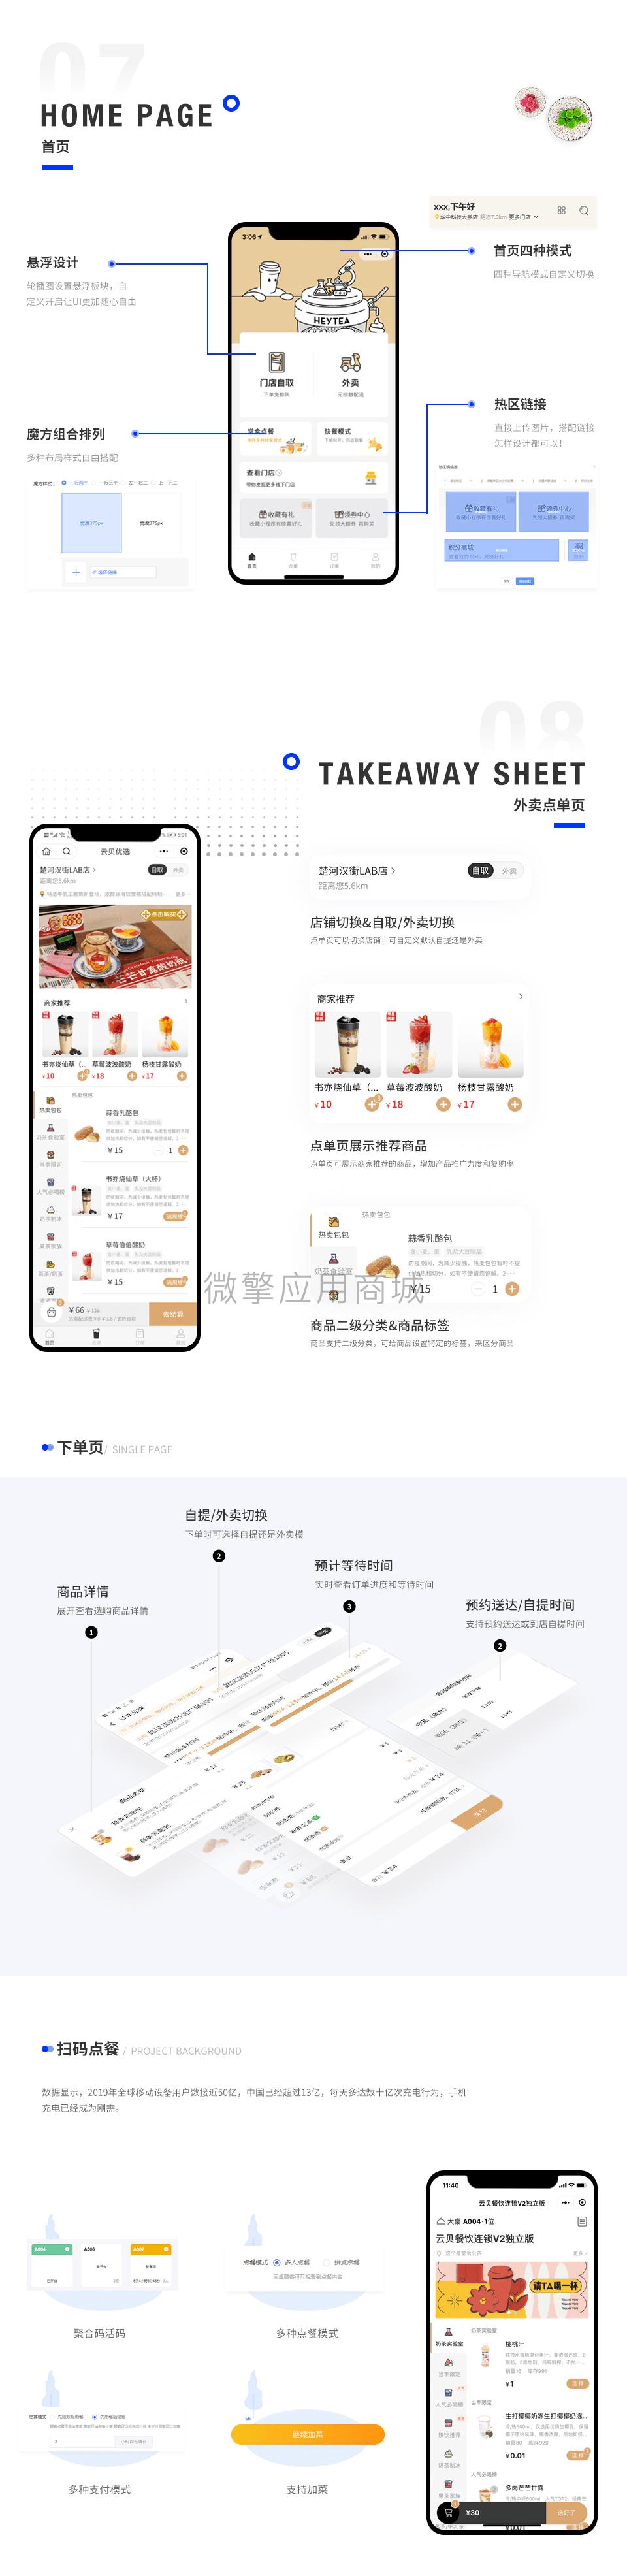 【微信小程序】独立版云贝餐饮连锁小程序V2_2.1.0,一款全端餐饮外卖小程序 小程序 第2张